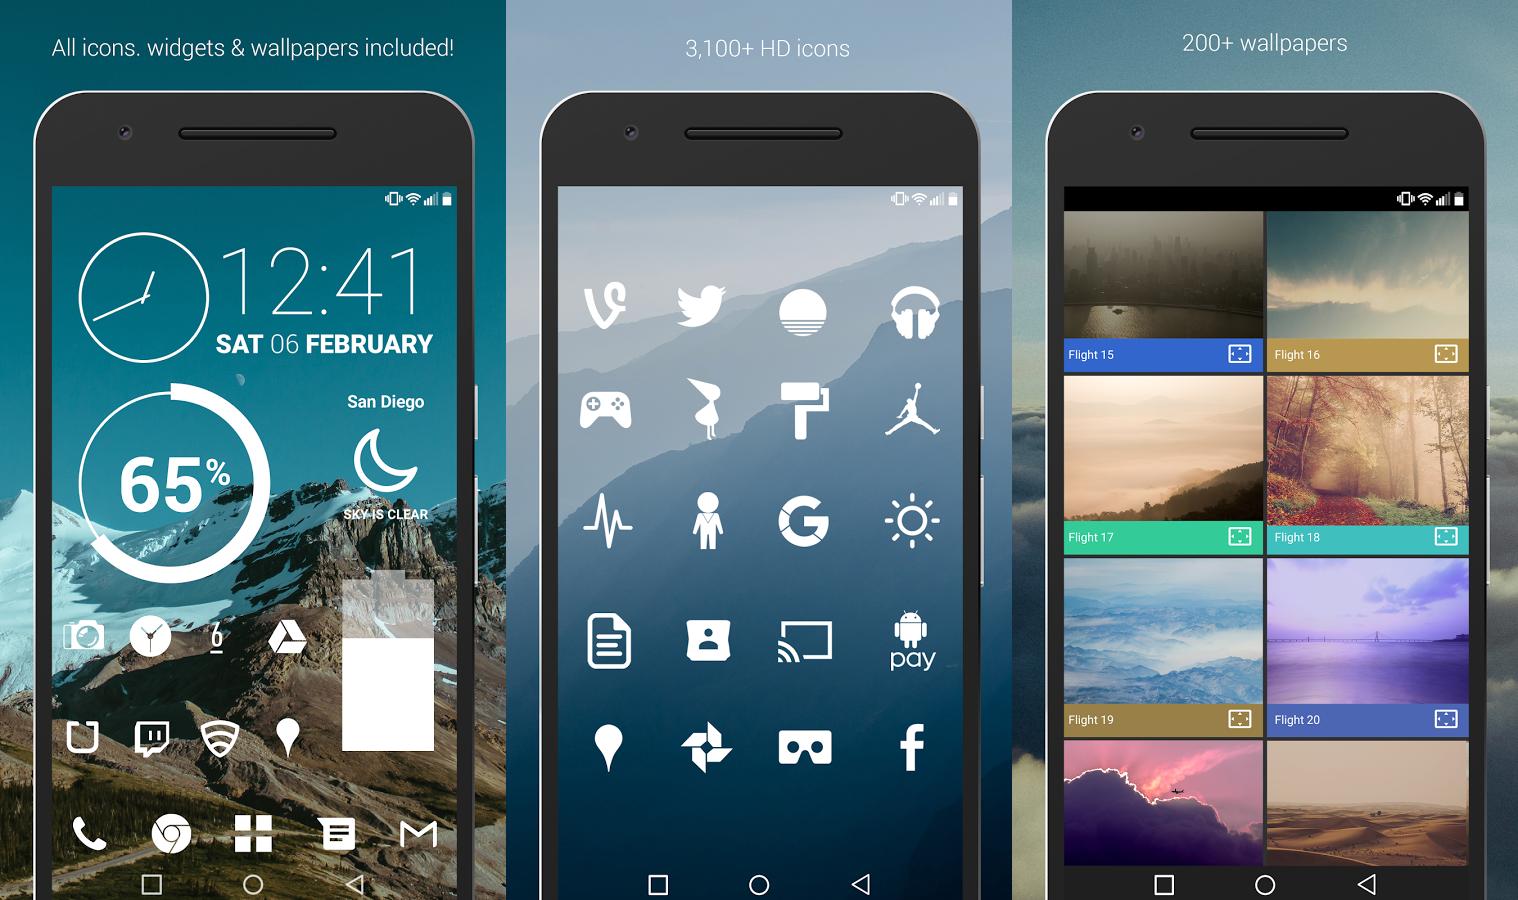 تطبيق Flight Icon Pack يُقدم لك حزم أيقونات تطبيقات بيضاء اللون